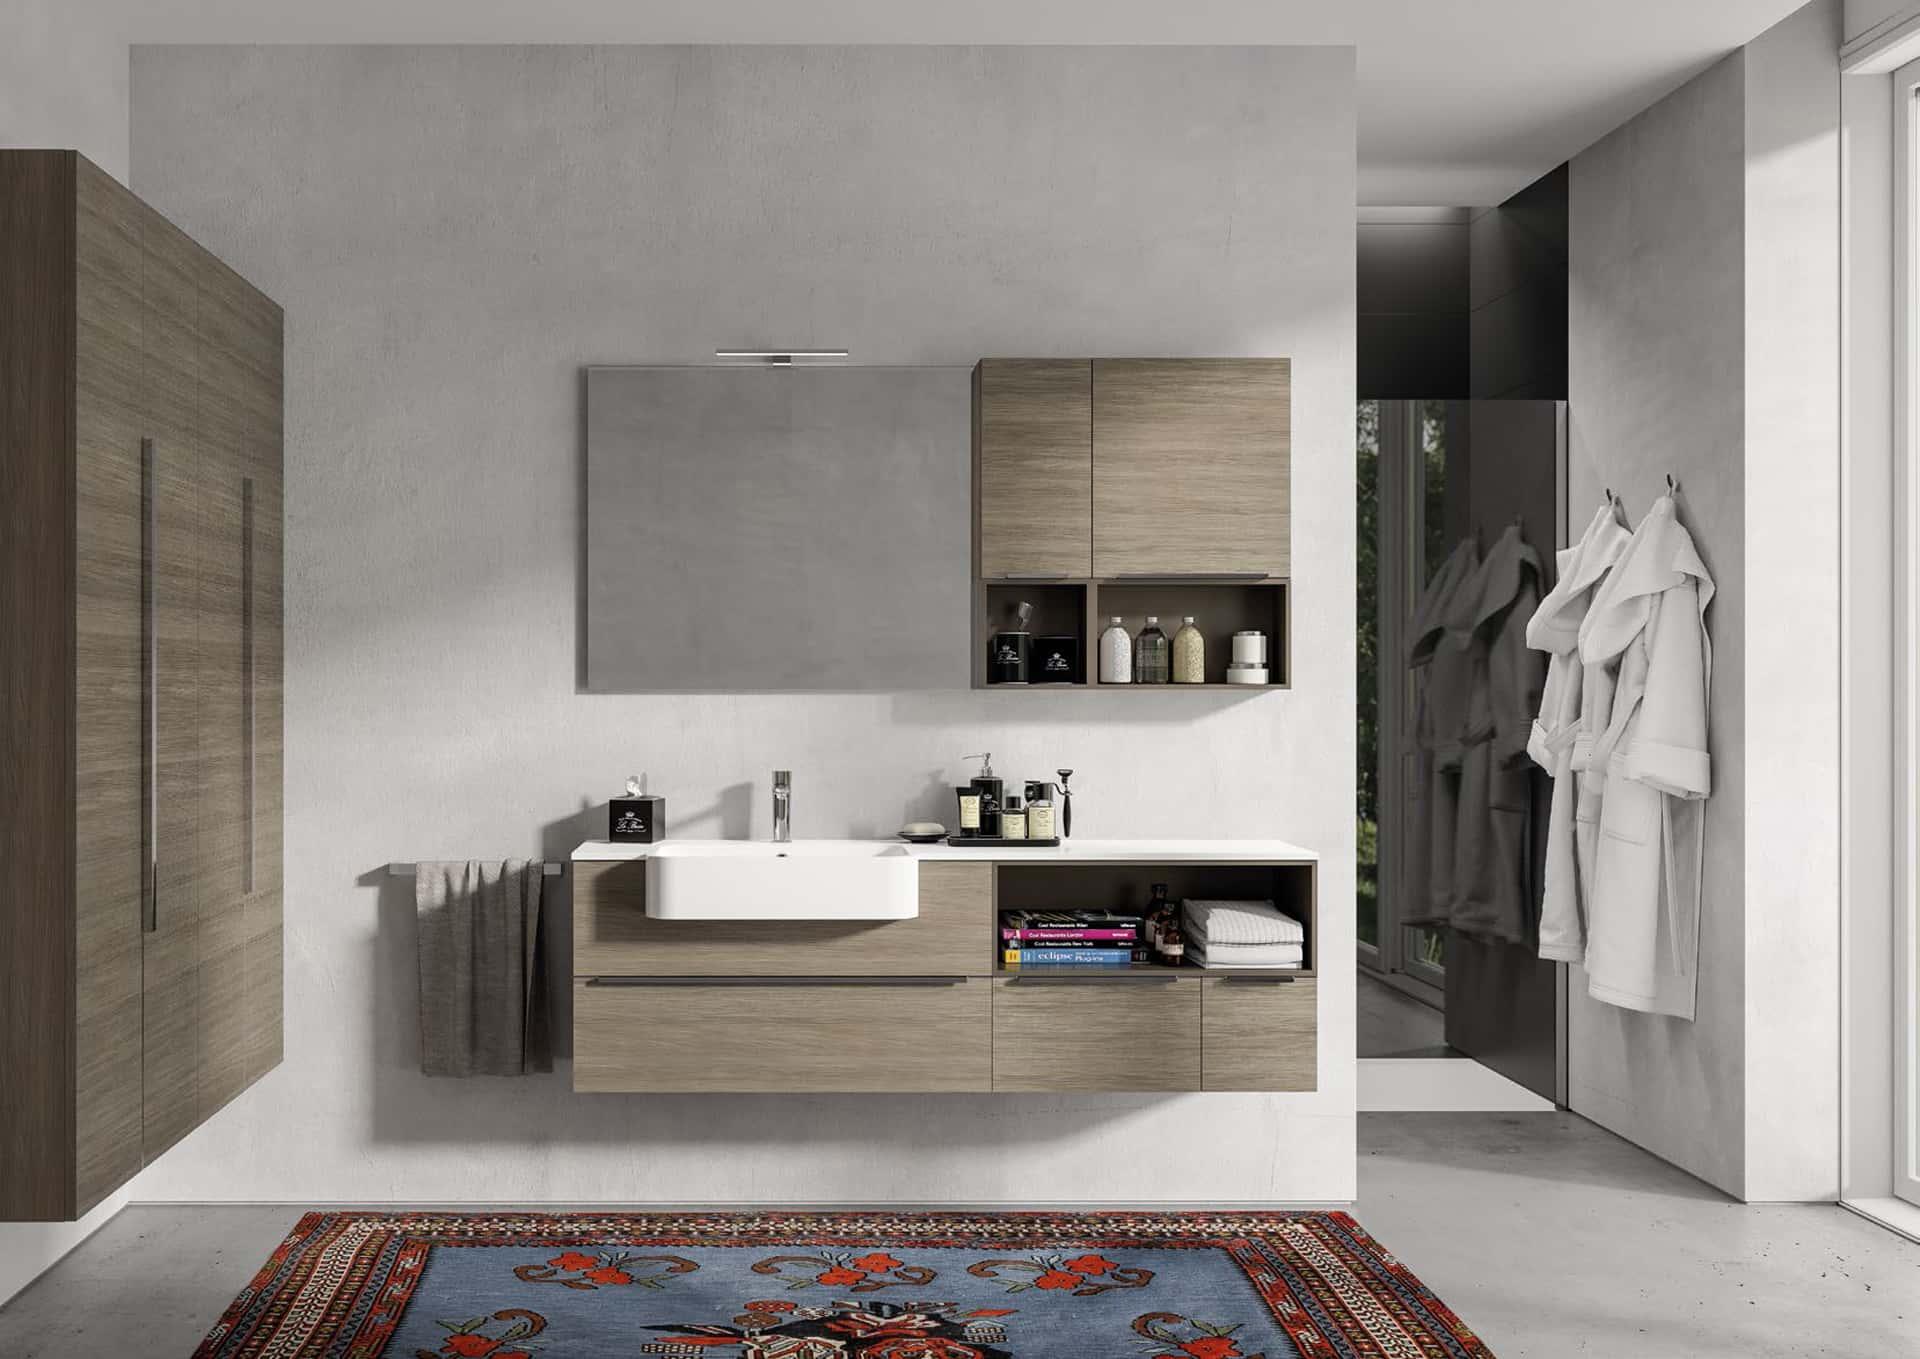 Bagno E Design Torrecuso : Bagno nuovo: sostenibile e di design ...